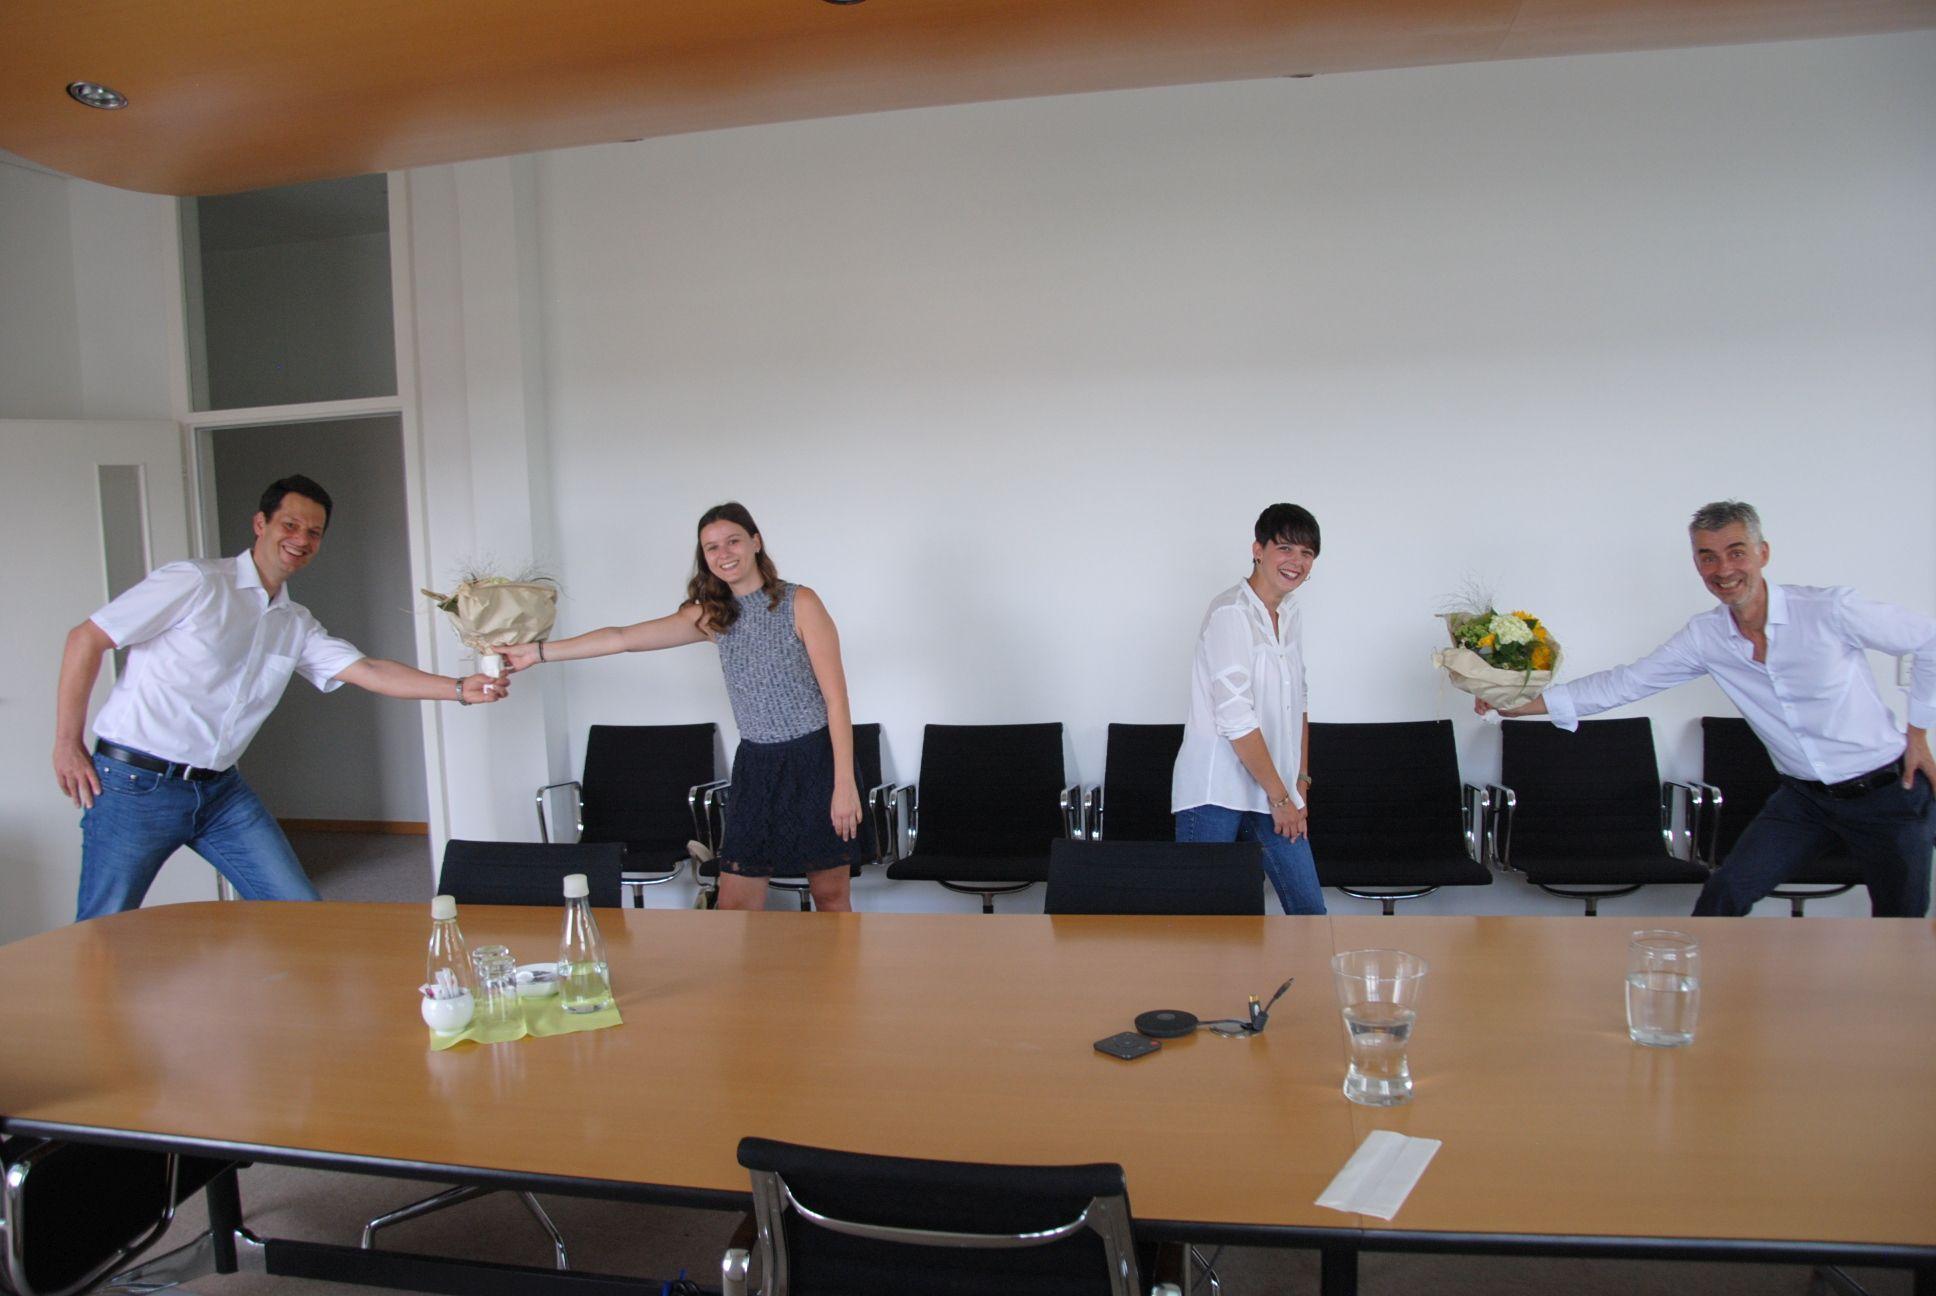 Geschäftsführer Herr Nostadt (re.) und Ausbildungsleiter Herr Mzi überreichen Blumensträuße an Frau Eller (li.) und Frau Ciccarella (re.).